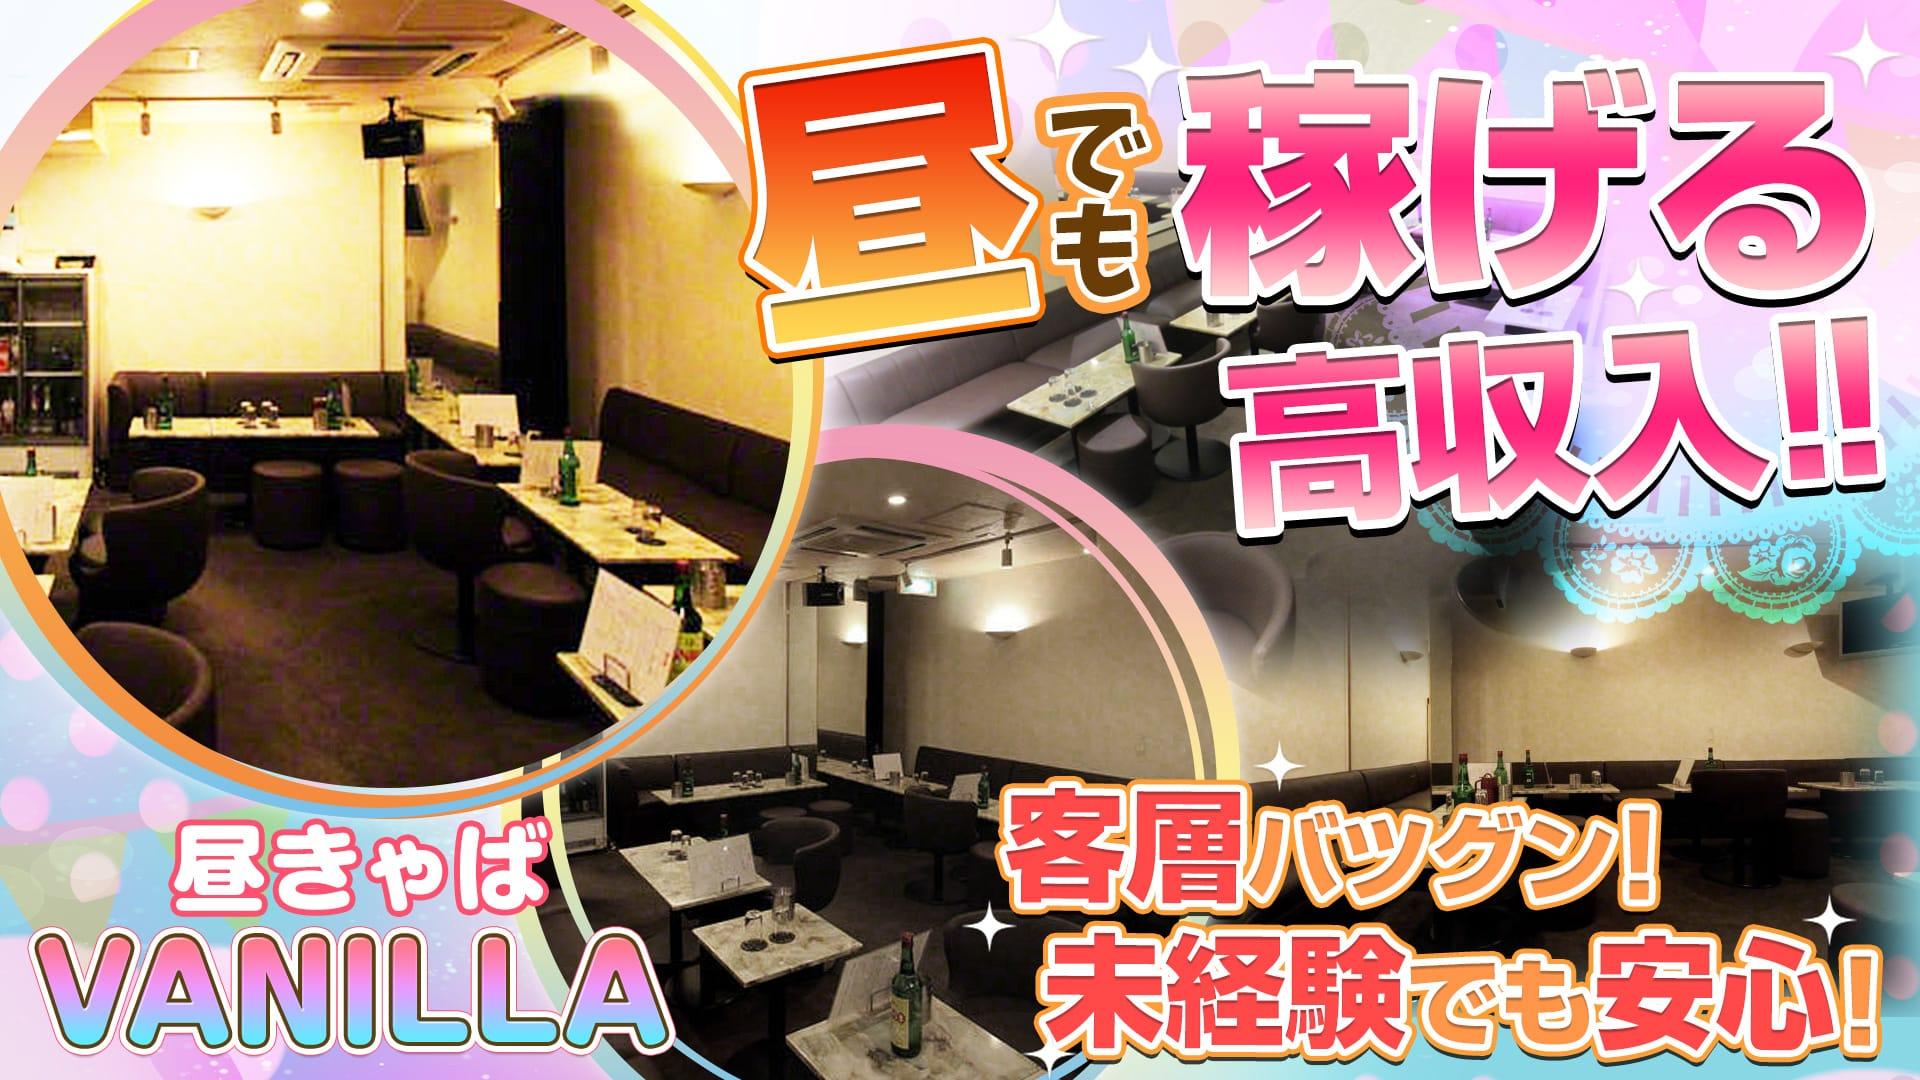 【昼】Vanilla(バニラ)【公式求人・体入情報】 渋谷昼キャバ・朝キャバ TOP画像